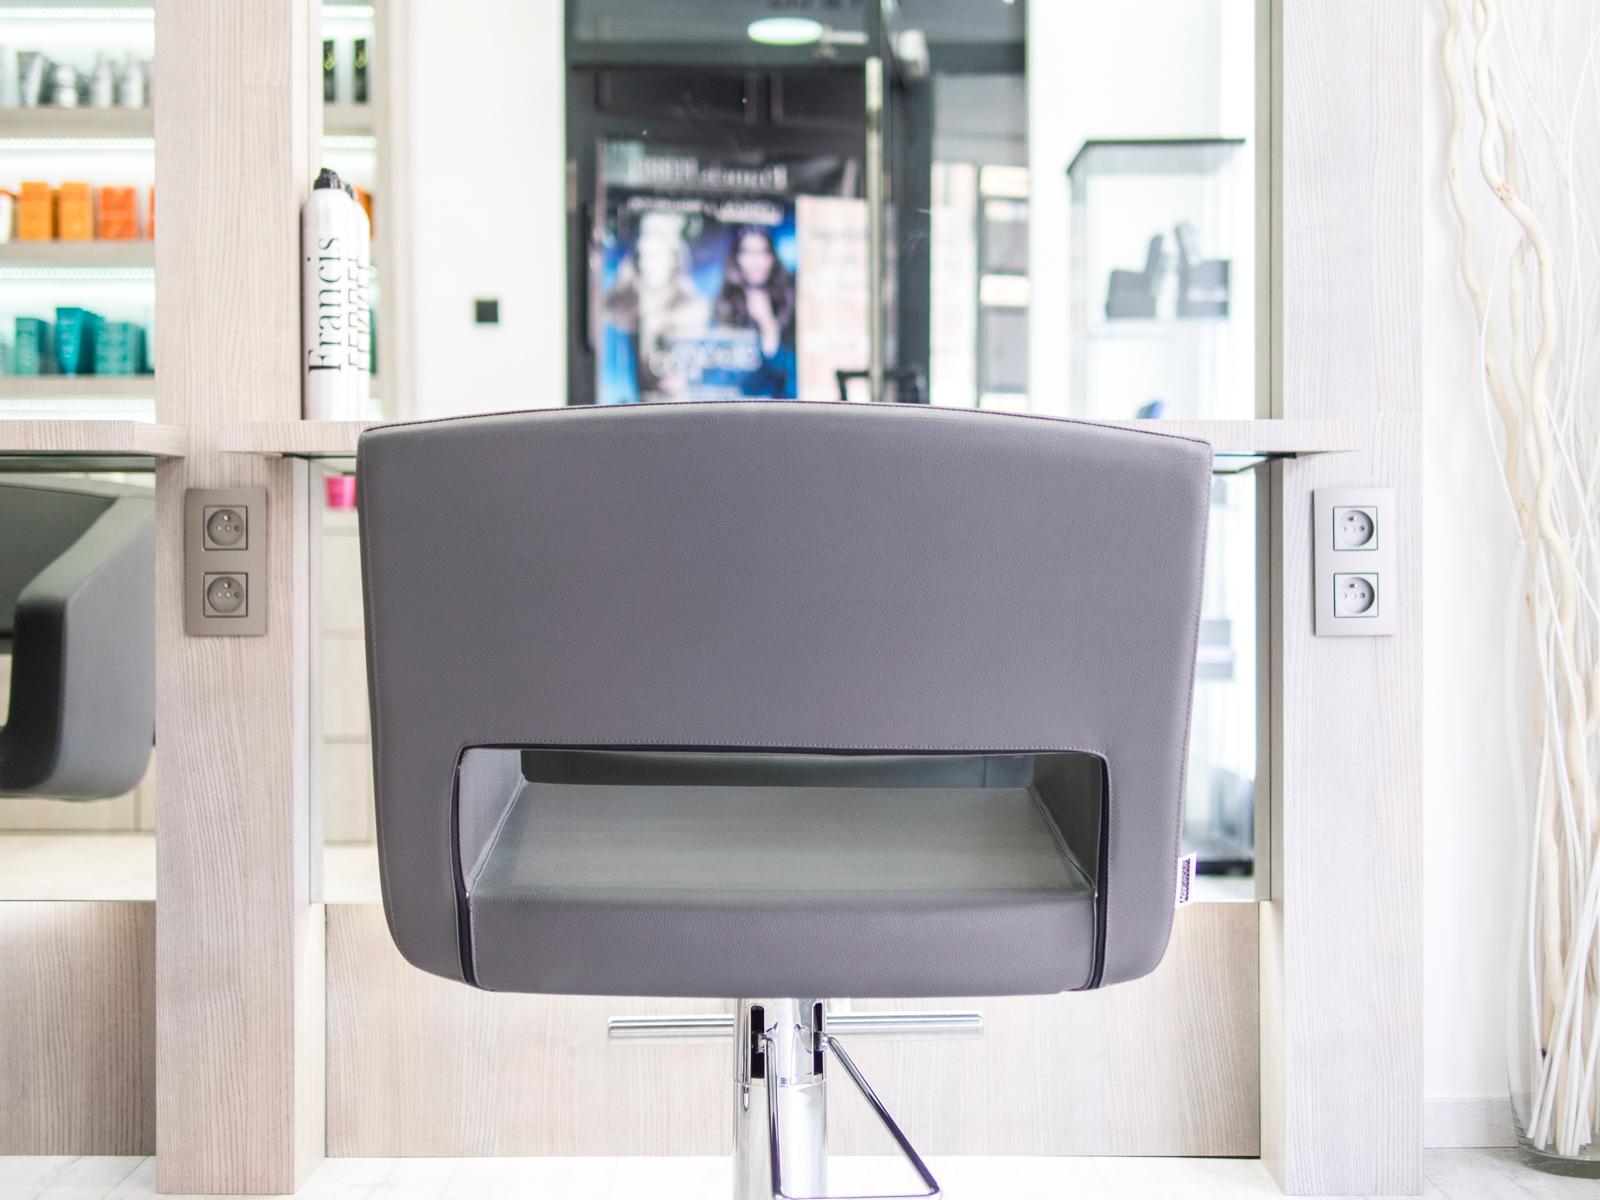 salon de coiffure pas cher ixelles 28 images jean louis david universit 233 rencontre femme. Black Bedroom Furniture Sets. Home Design Ideas